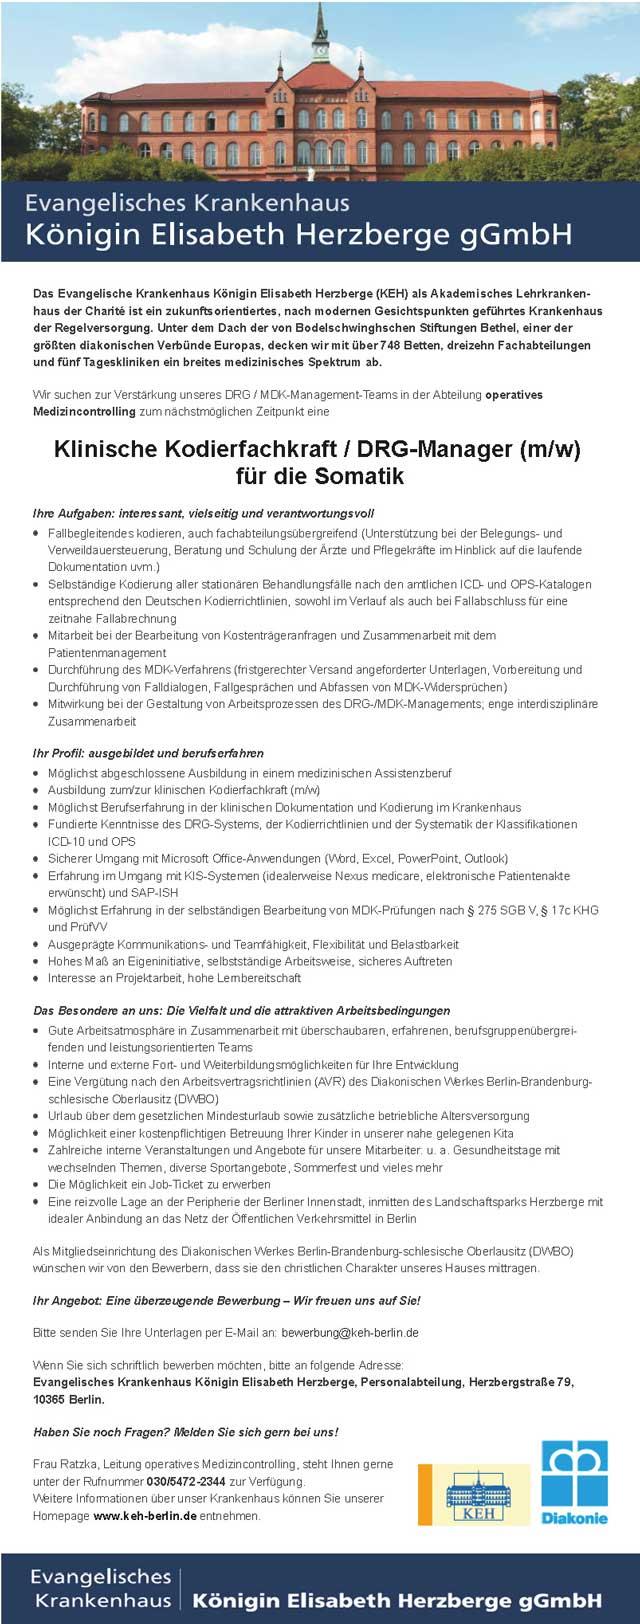 Evangelisches Krankenhaus Königin Elisabeth Herzberge Berlin: Klinische Kodierfachkraft / DRG-Manager (m/w)